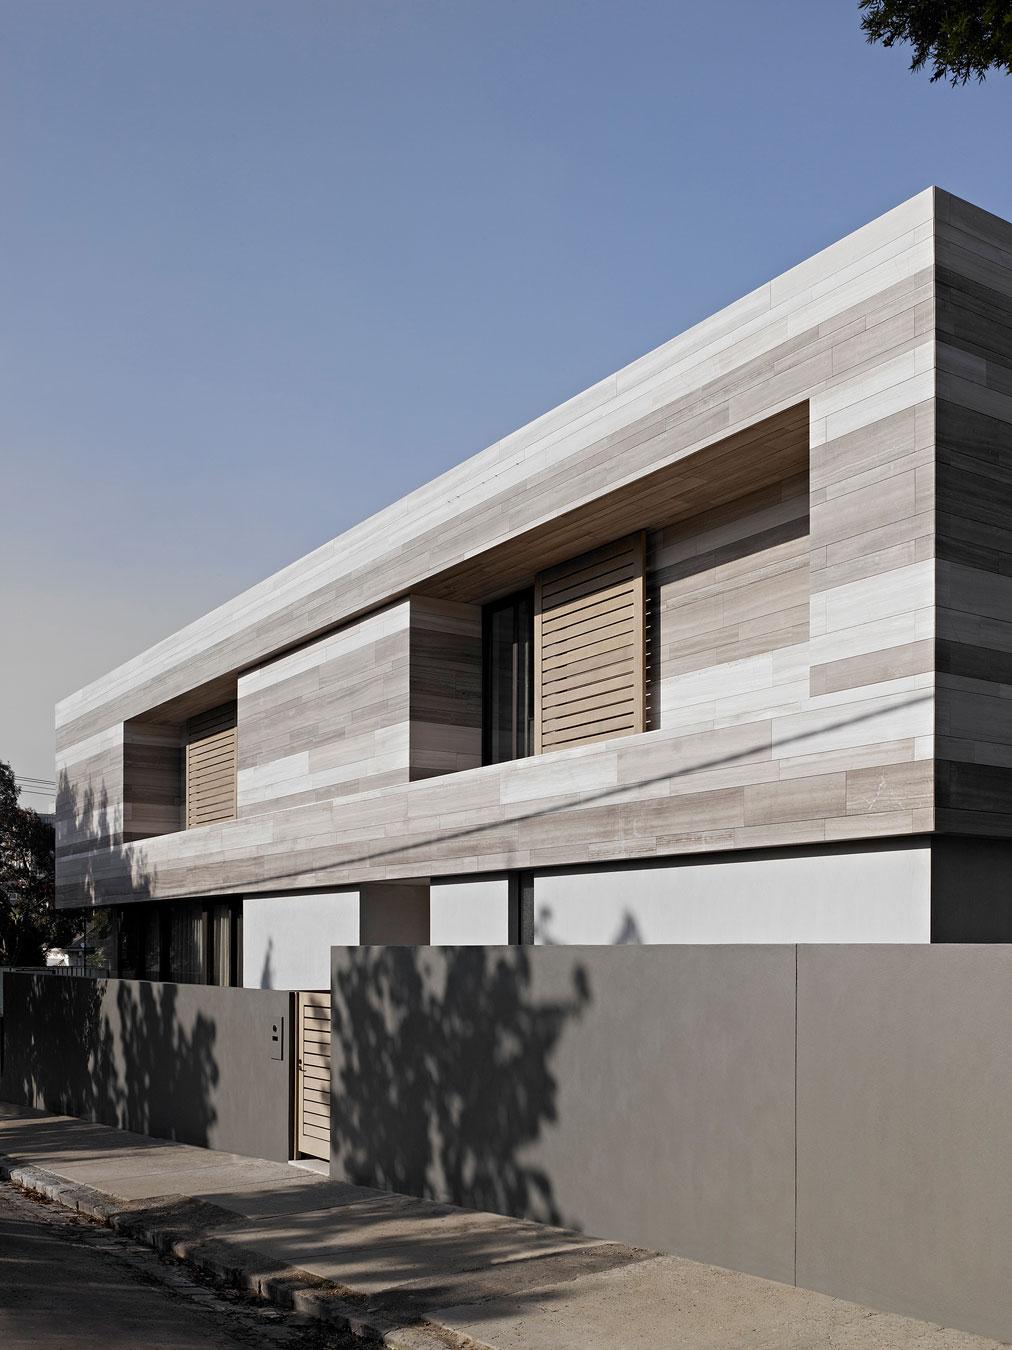 cassell-street-house-03